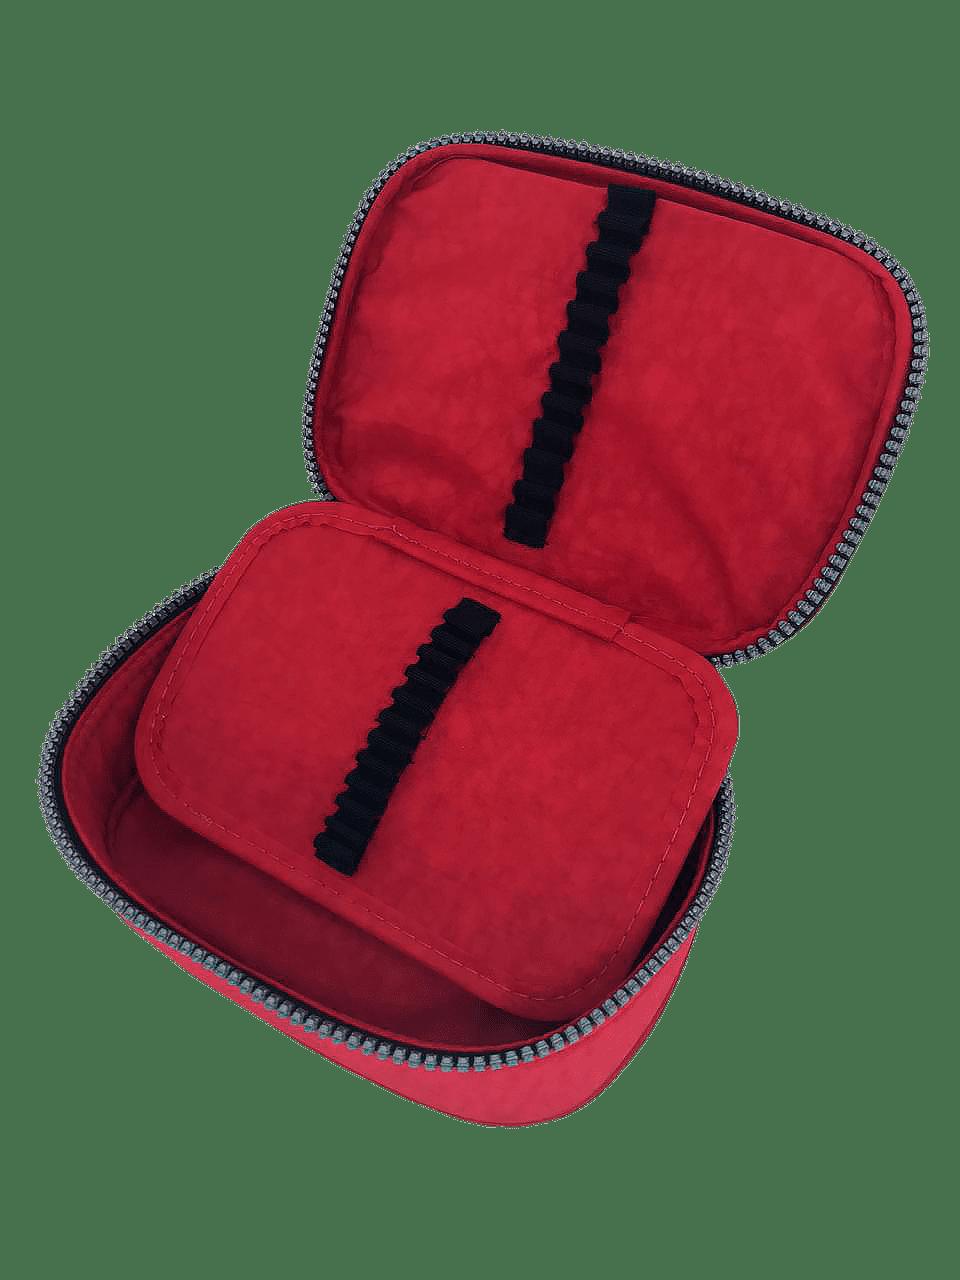 Estojo escolar box vermelho Fizz